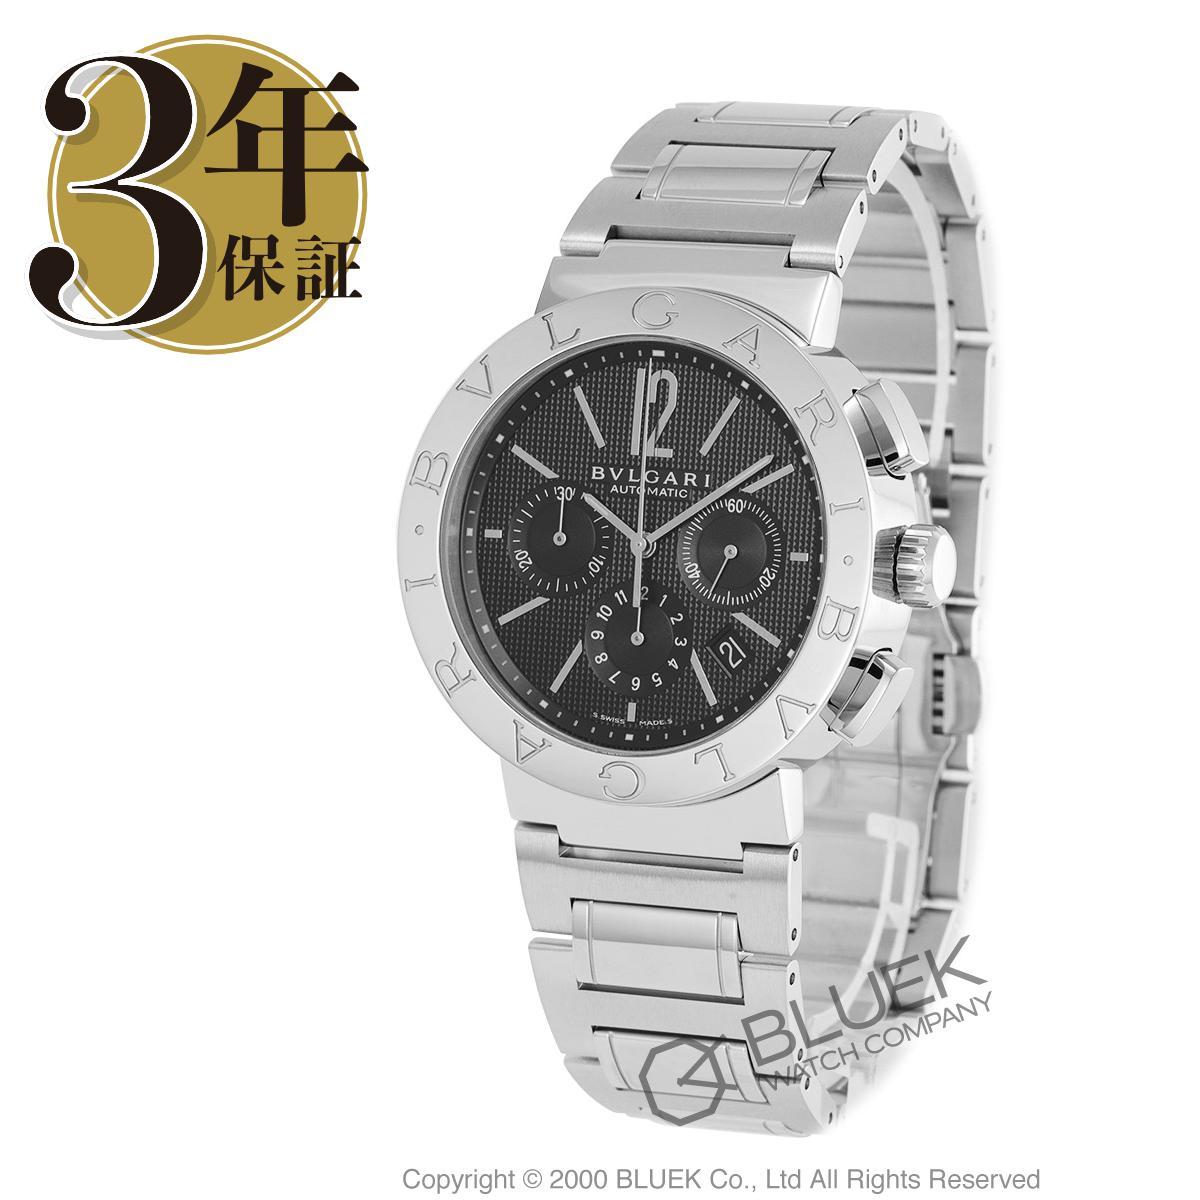 ブルガリ ブルガリブルガリ クロノグラフ 腕時計 メンズ BVLGARI BB42BSSDCH_8